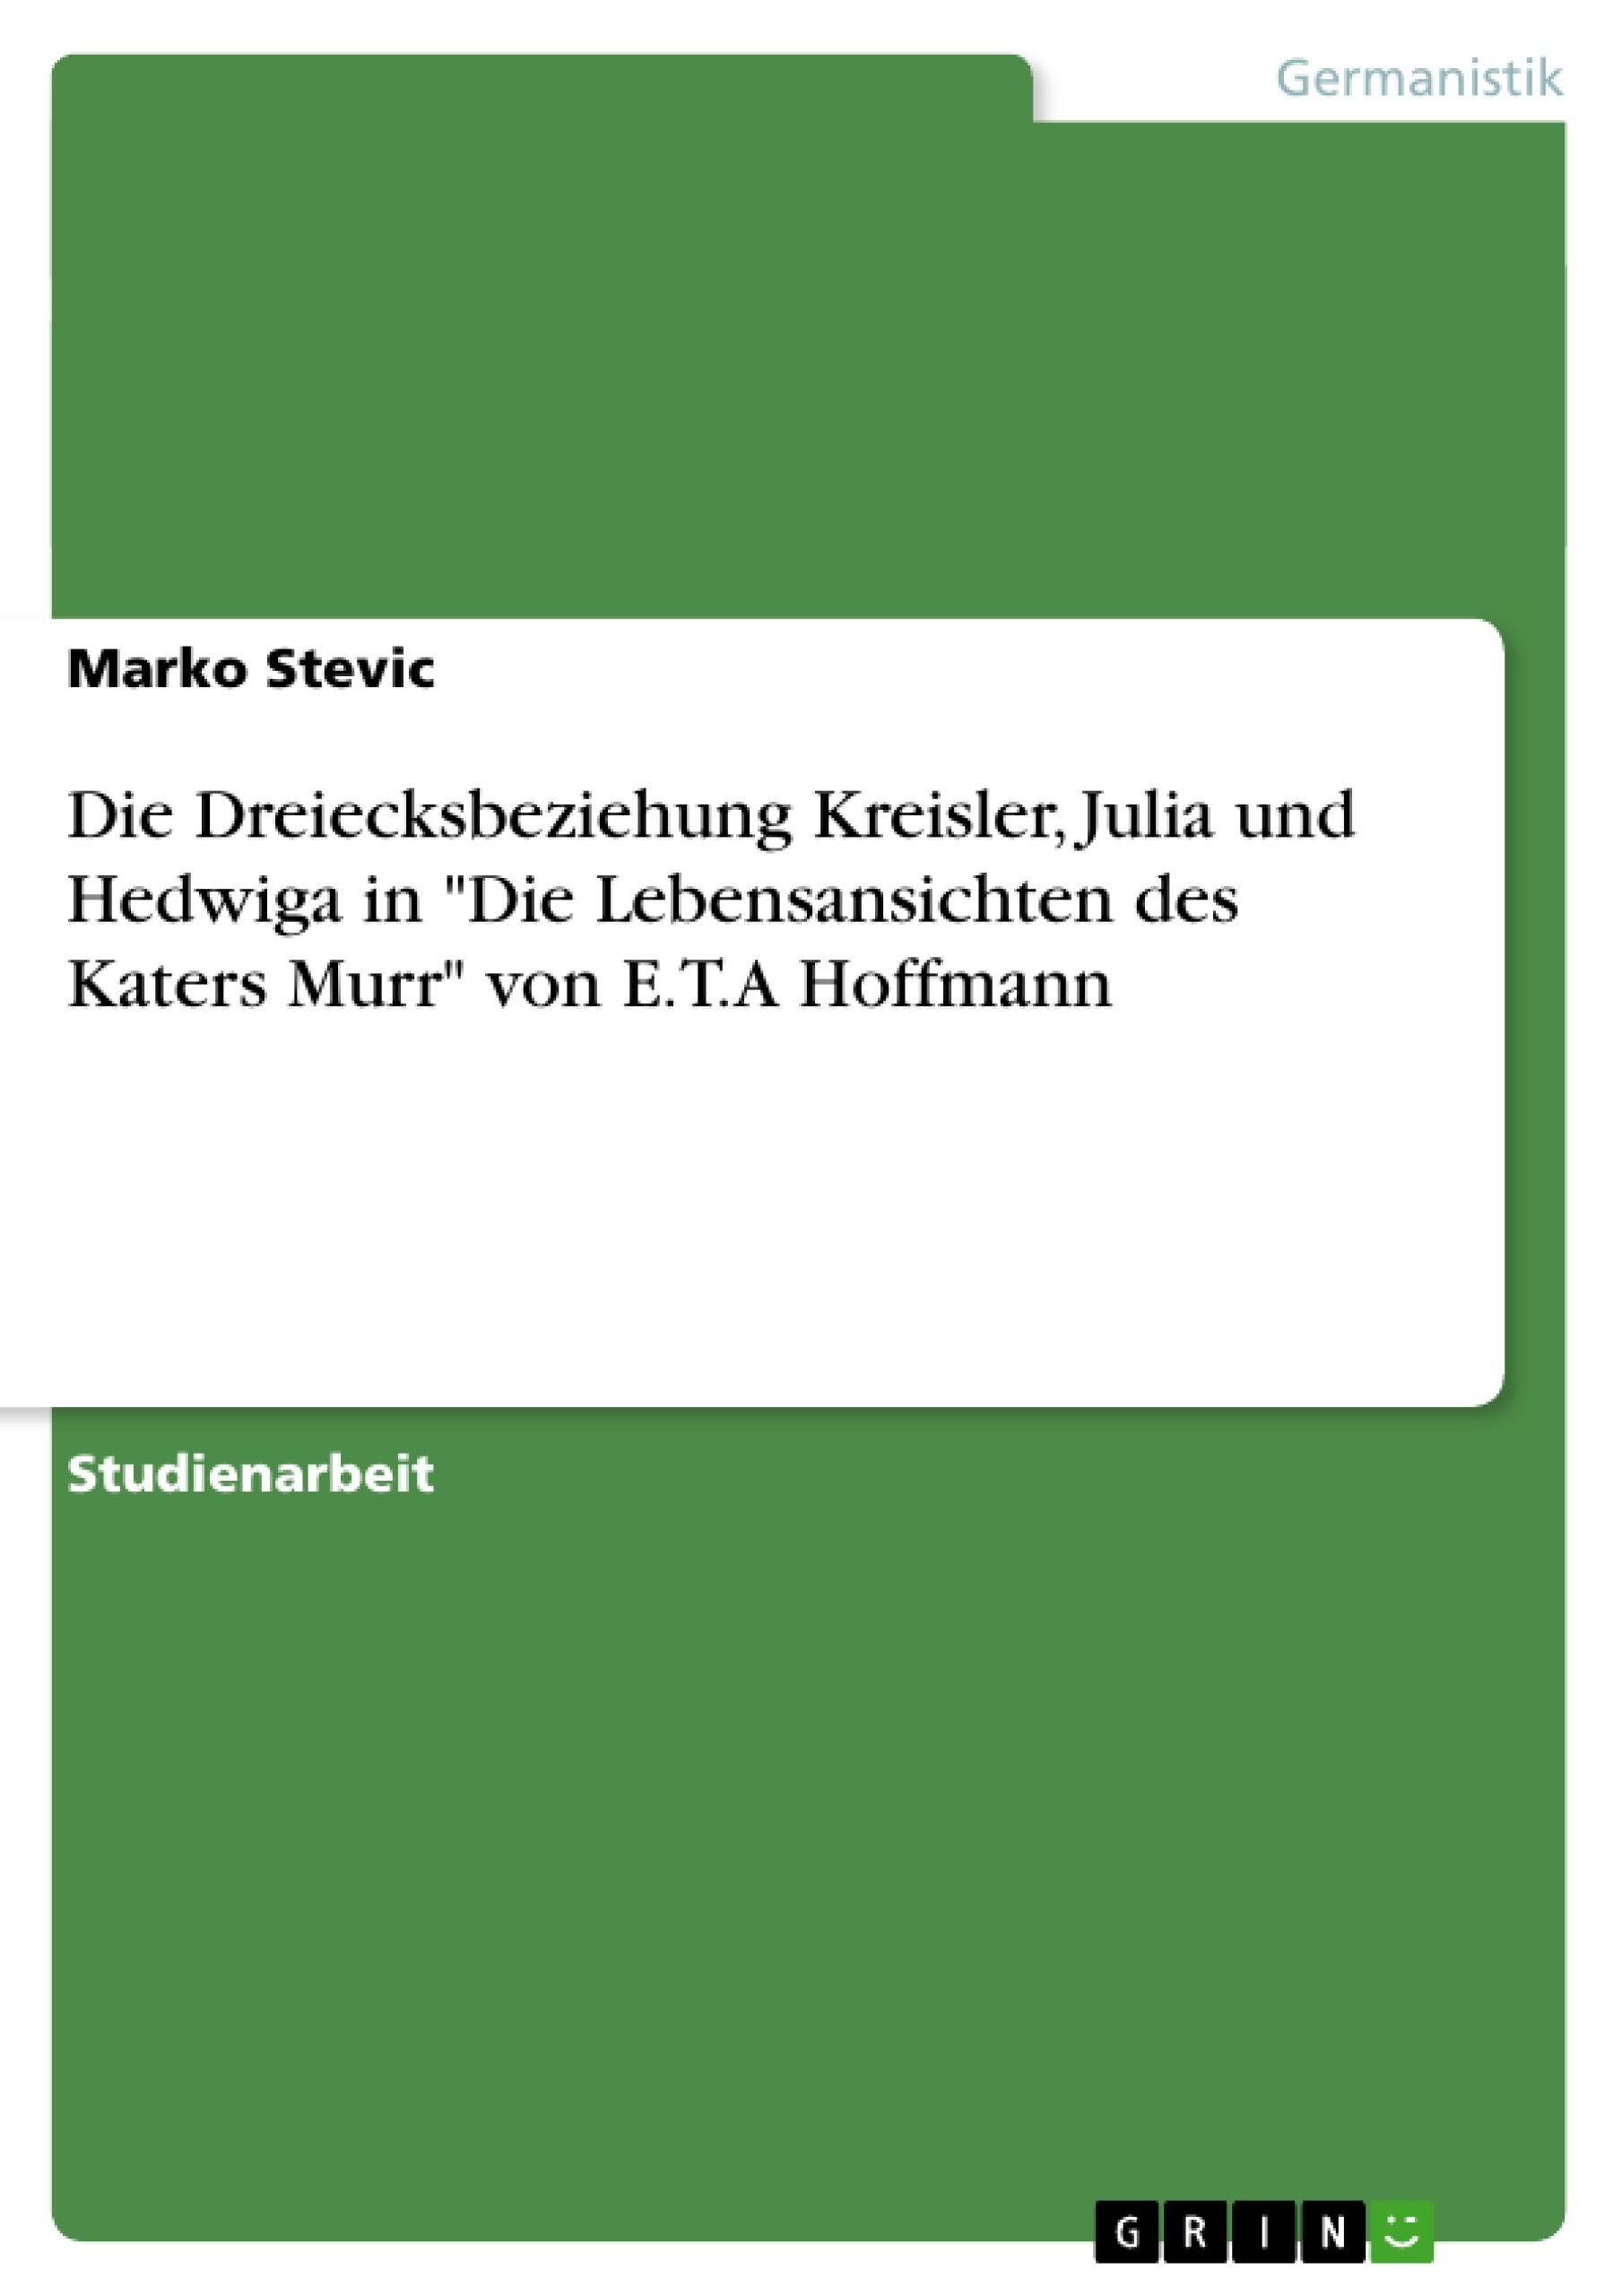 """Titel: Die Dreiecksbeziehung Kreisler, Julia und Hedwiga in """"Die Lebensansichten des Katers Murr"""" von E.T.A Hoffmann"""